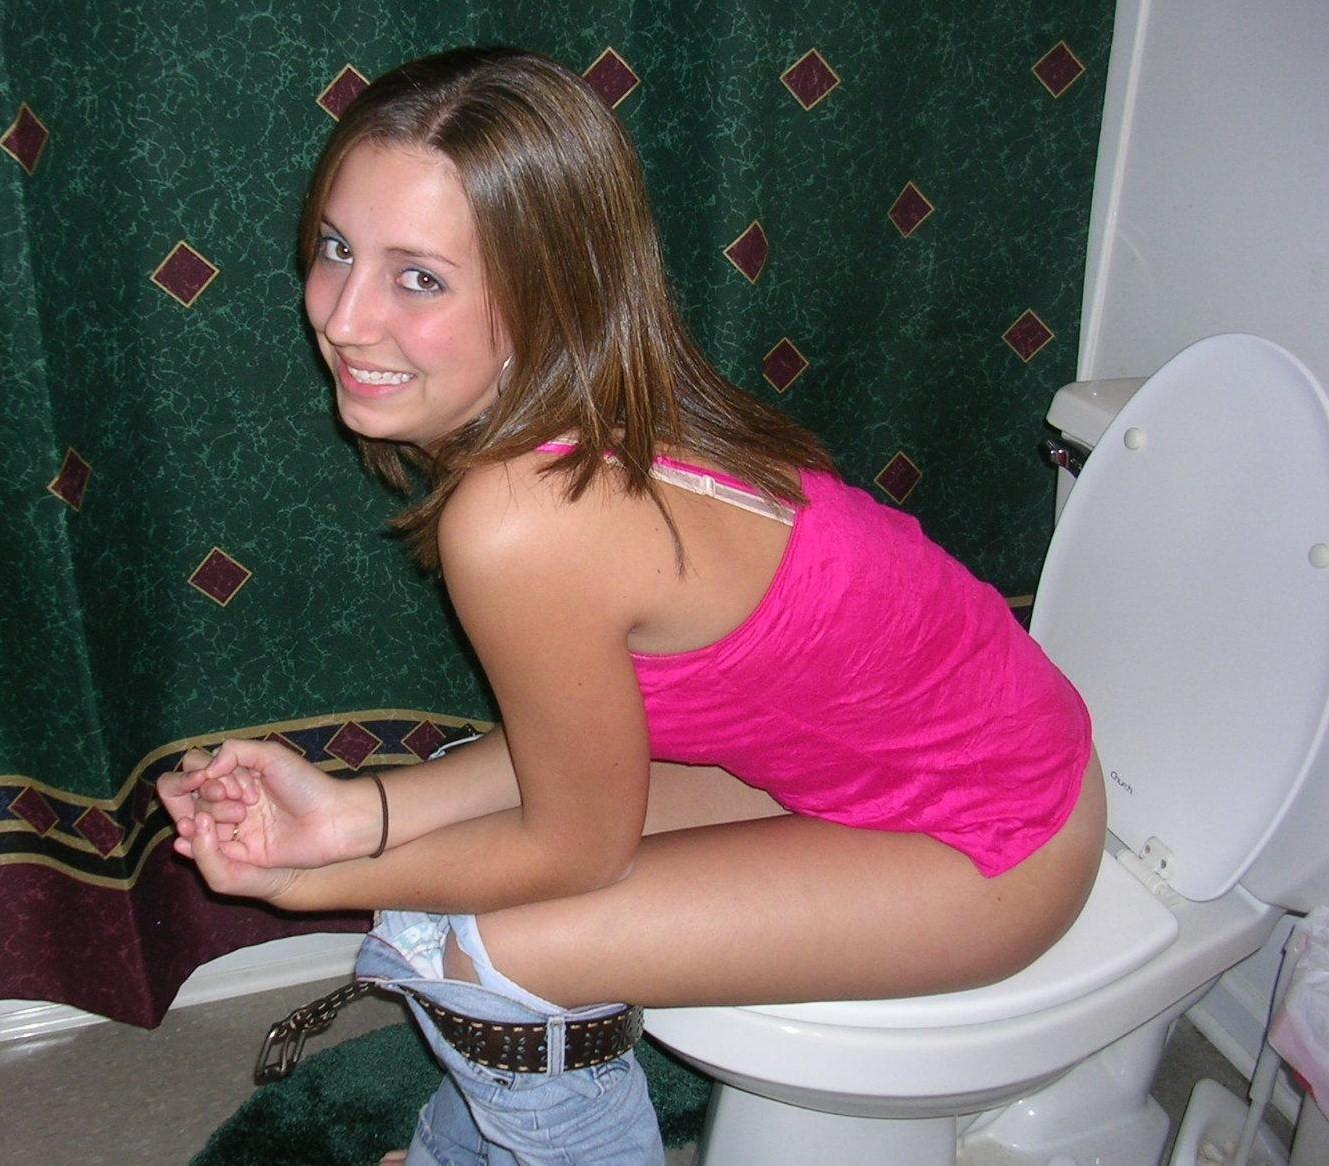 Смотреть за взрослыми в туалетах онлайн бесплатно 12 фотография